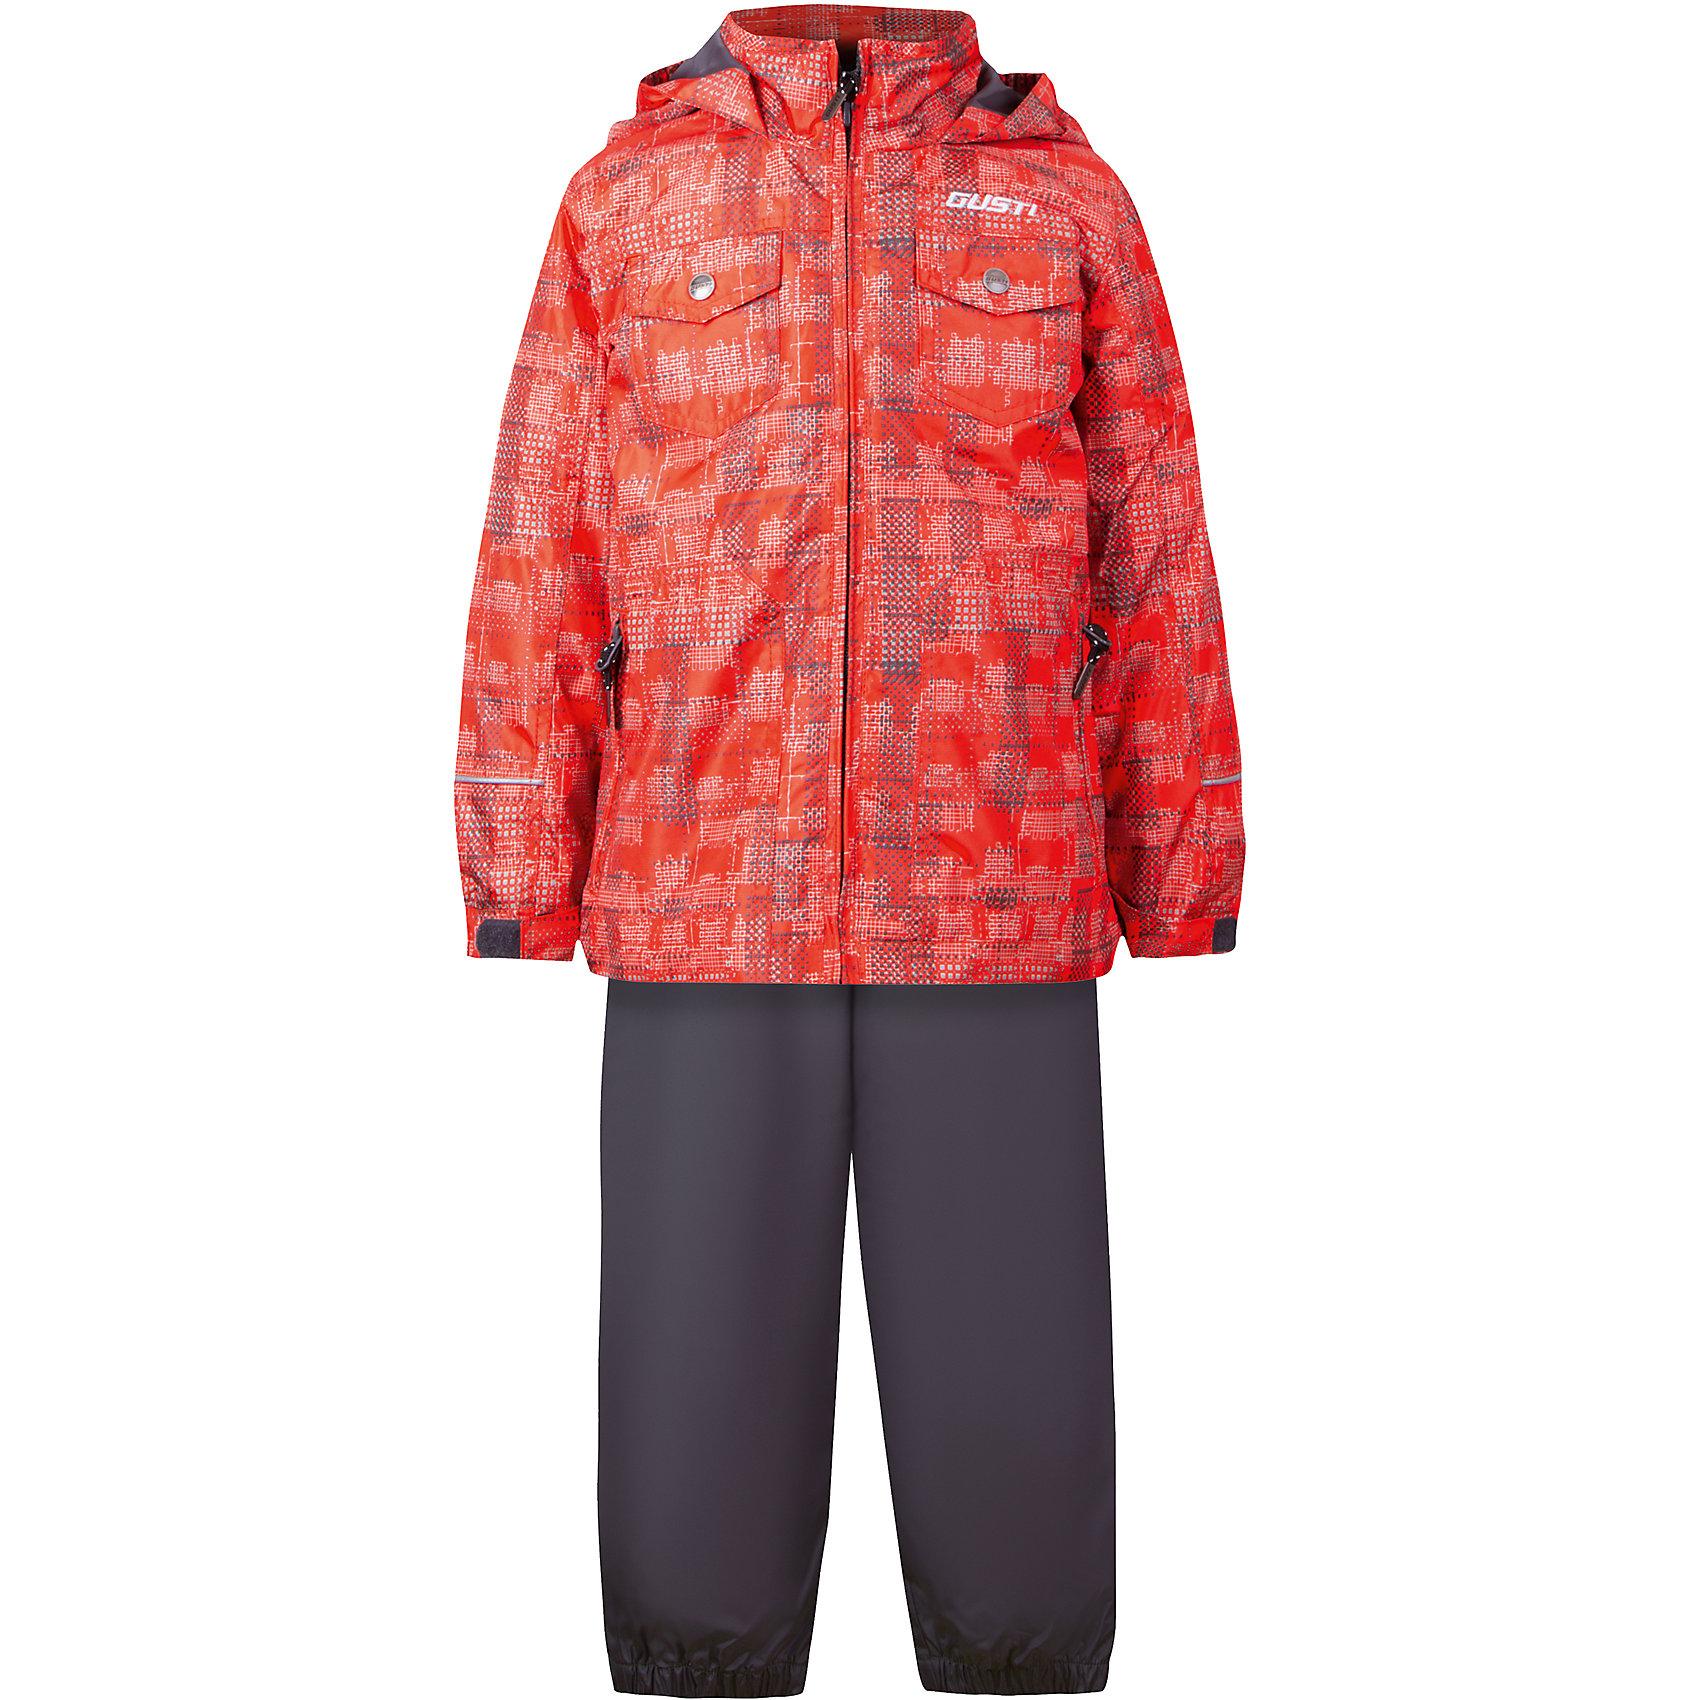 Комплект: куртка, толстовка и брюки для мальчика GustiВерхняя одежда<br>Характеристики товара:<br><br>• цвет: оранжевый<br>• куртка: 100% полиэстер, съёмная флисовая толстовка: 100% полиэстер<br>• брюки: верх 100% полиэстер, подкладка 100% х/б<br>• без утеплителя<br>• комплектация: куртка, съемная флисовая подкладка, брюки<br>• температурный режим: от 0° С до +15° С<br>• водонепроницаемость: 2000 мм<br>• воздухопроницаемость: 2000 мм<br>• ветронепродуваемый<br>• капюшон не отстёгивается<br>• пять внешних карманов<br>• съемные подтяжки<br>• брючины эластичные<br>• светоотражающие элементы<br>• молния<br>• страна бренда: Канада<br><br>Этот демисезонный комплект из куртки, пристегивающейся к ней толстовки из флиса, и штанов поможет обеспечить ребенку комфорт и тепло. Предметы удобно садятся по фигуре, отлично смотрятся с различной обувью. Комплект очень модно выглядит, он хорошо защищает от ветра и влаги. Материал отлично подходит для дождливой погоды. Стильный дизайн разрабатывался специально для детей.<br><br>Комплект: куртка, толстовка и брюки для мальчика от известного бренда Gusti (Густи) можно купить в нашем интернет-магазине.<br><br>Ширина мм: 356<br>Глубина мм: 10<br>Высота мм: 245<br>Вес г: 519<br>Цвет: оранжевый<br>Возраст от месяцев: 18<br>Возраст до месяцев: 24<br>Пол: Мужской<br>Возраст: Детский<br>Размер: 92,152,98,100,104,110,116,120,122,128,140<br>SKU: 5452350